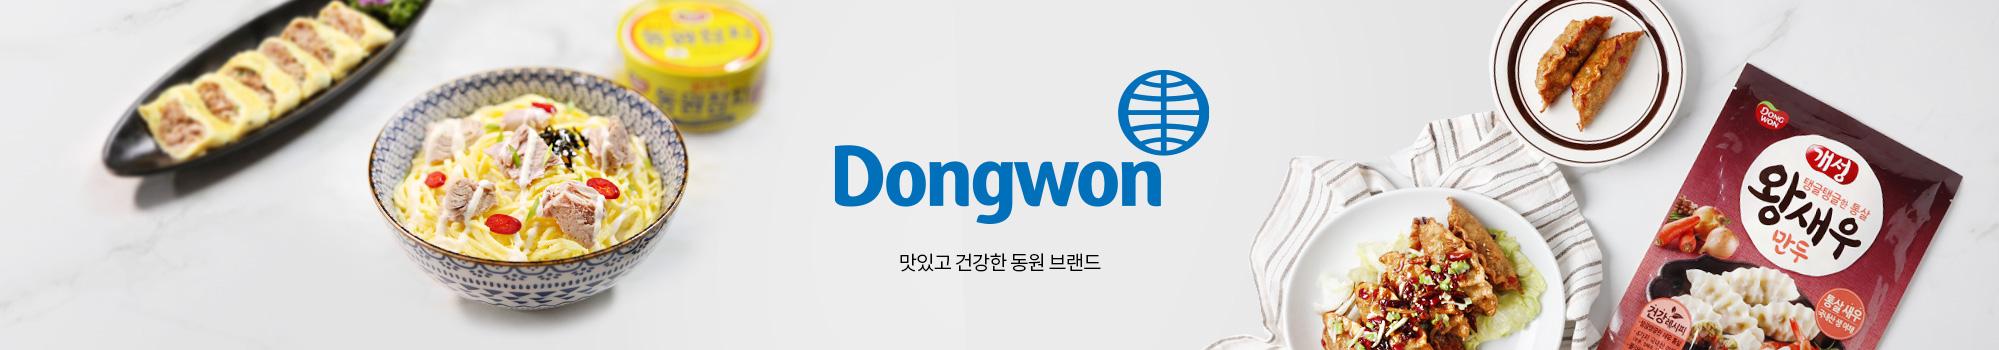 동원F&B 본사운영 동원 브랜드관 동원제품 살 땐 동원몰이 해답